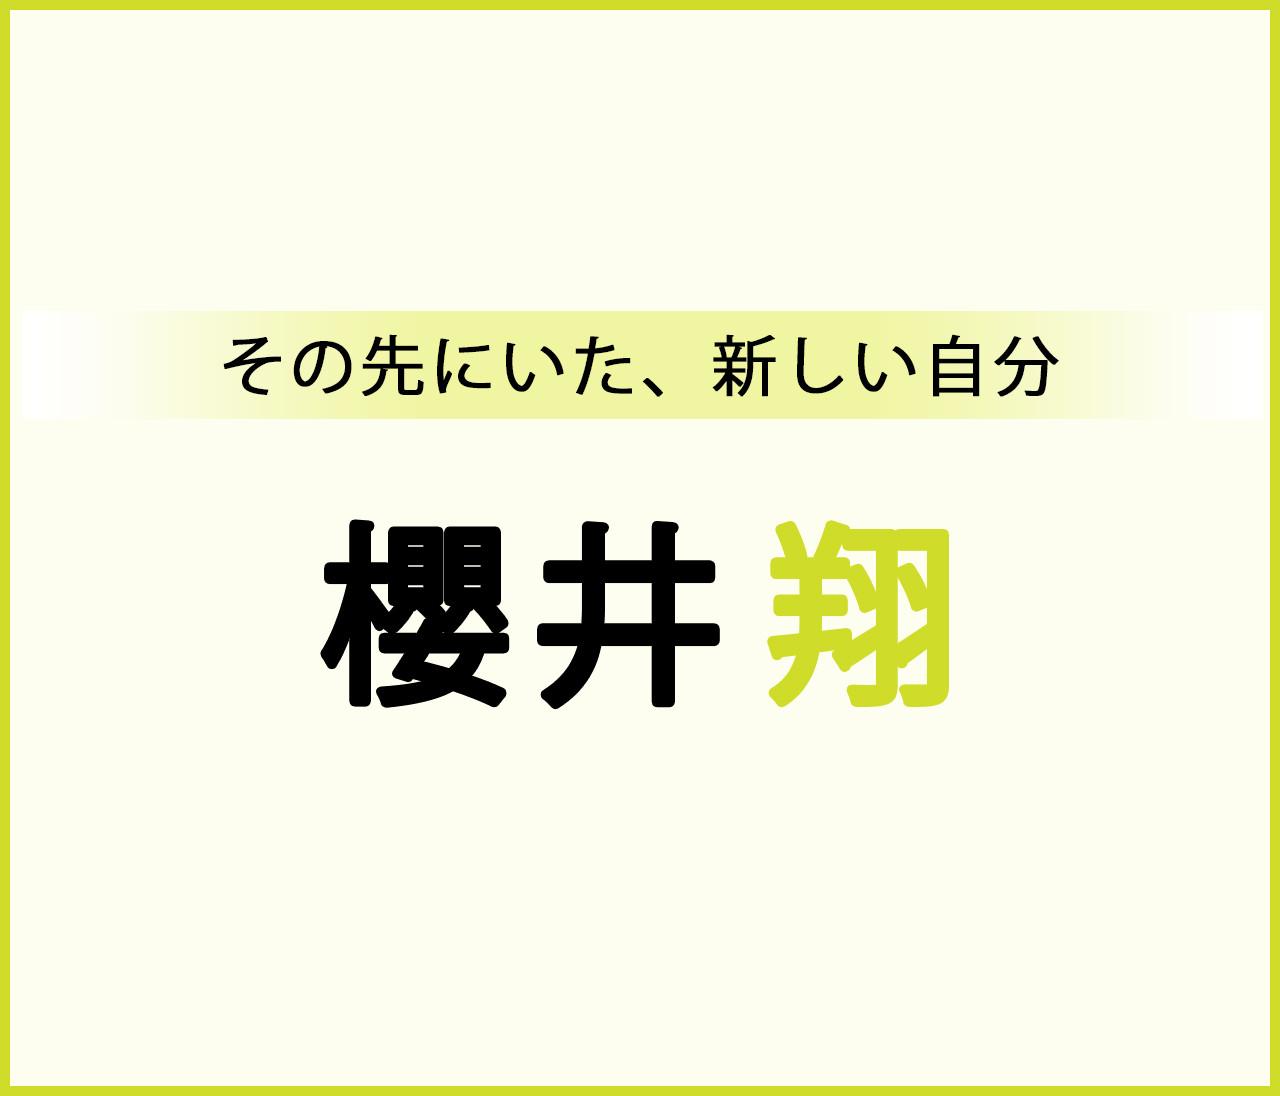 """【 #櫻井翔 スペシャルインタビューまとめ】その先にいた、新しい自分。オンの時間&オフの時間の""""今""""を語る!"""